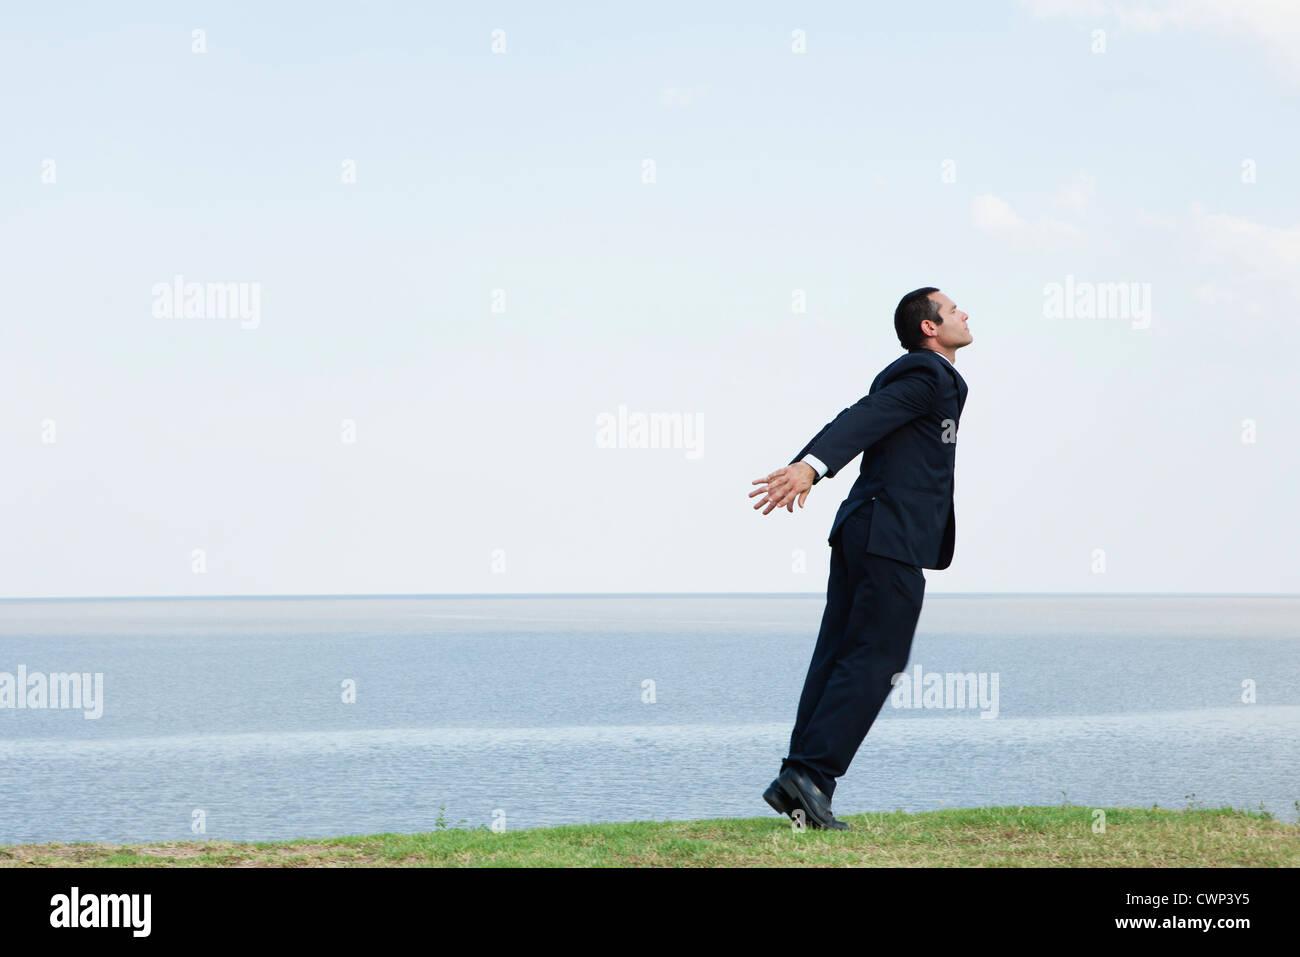 Businessman debout sur la pointe des pieds par la mer, en prenant une profonde respiration Banque D'Images